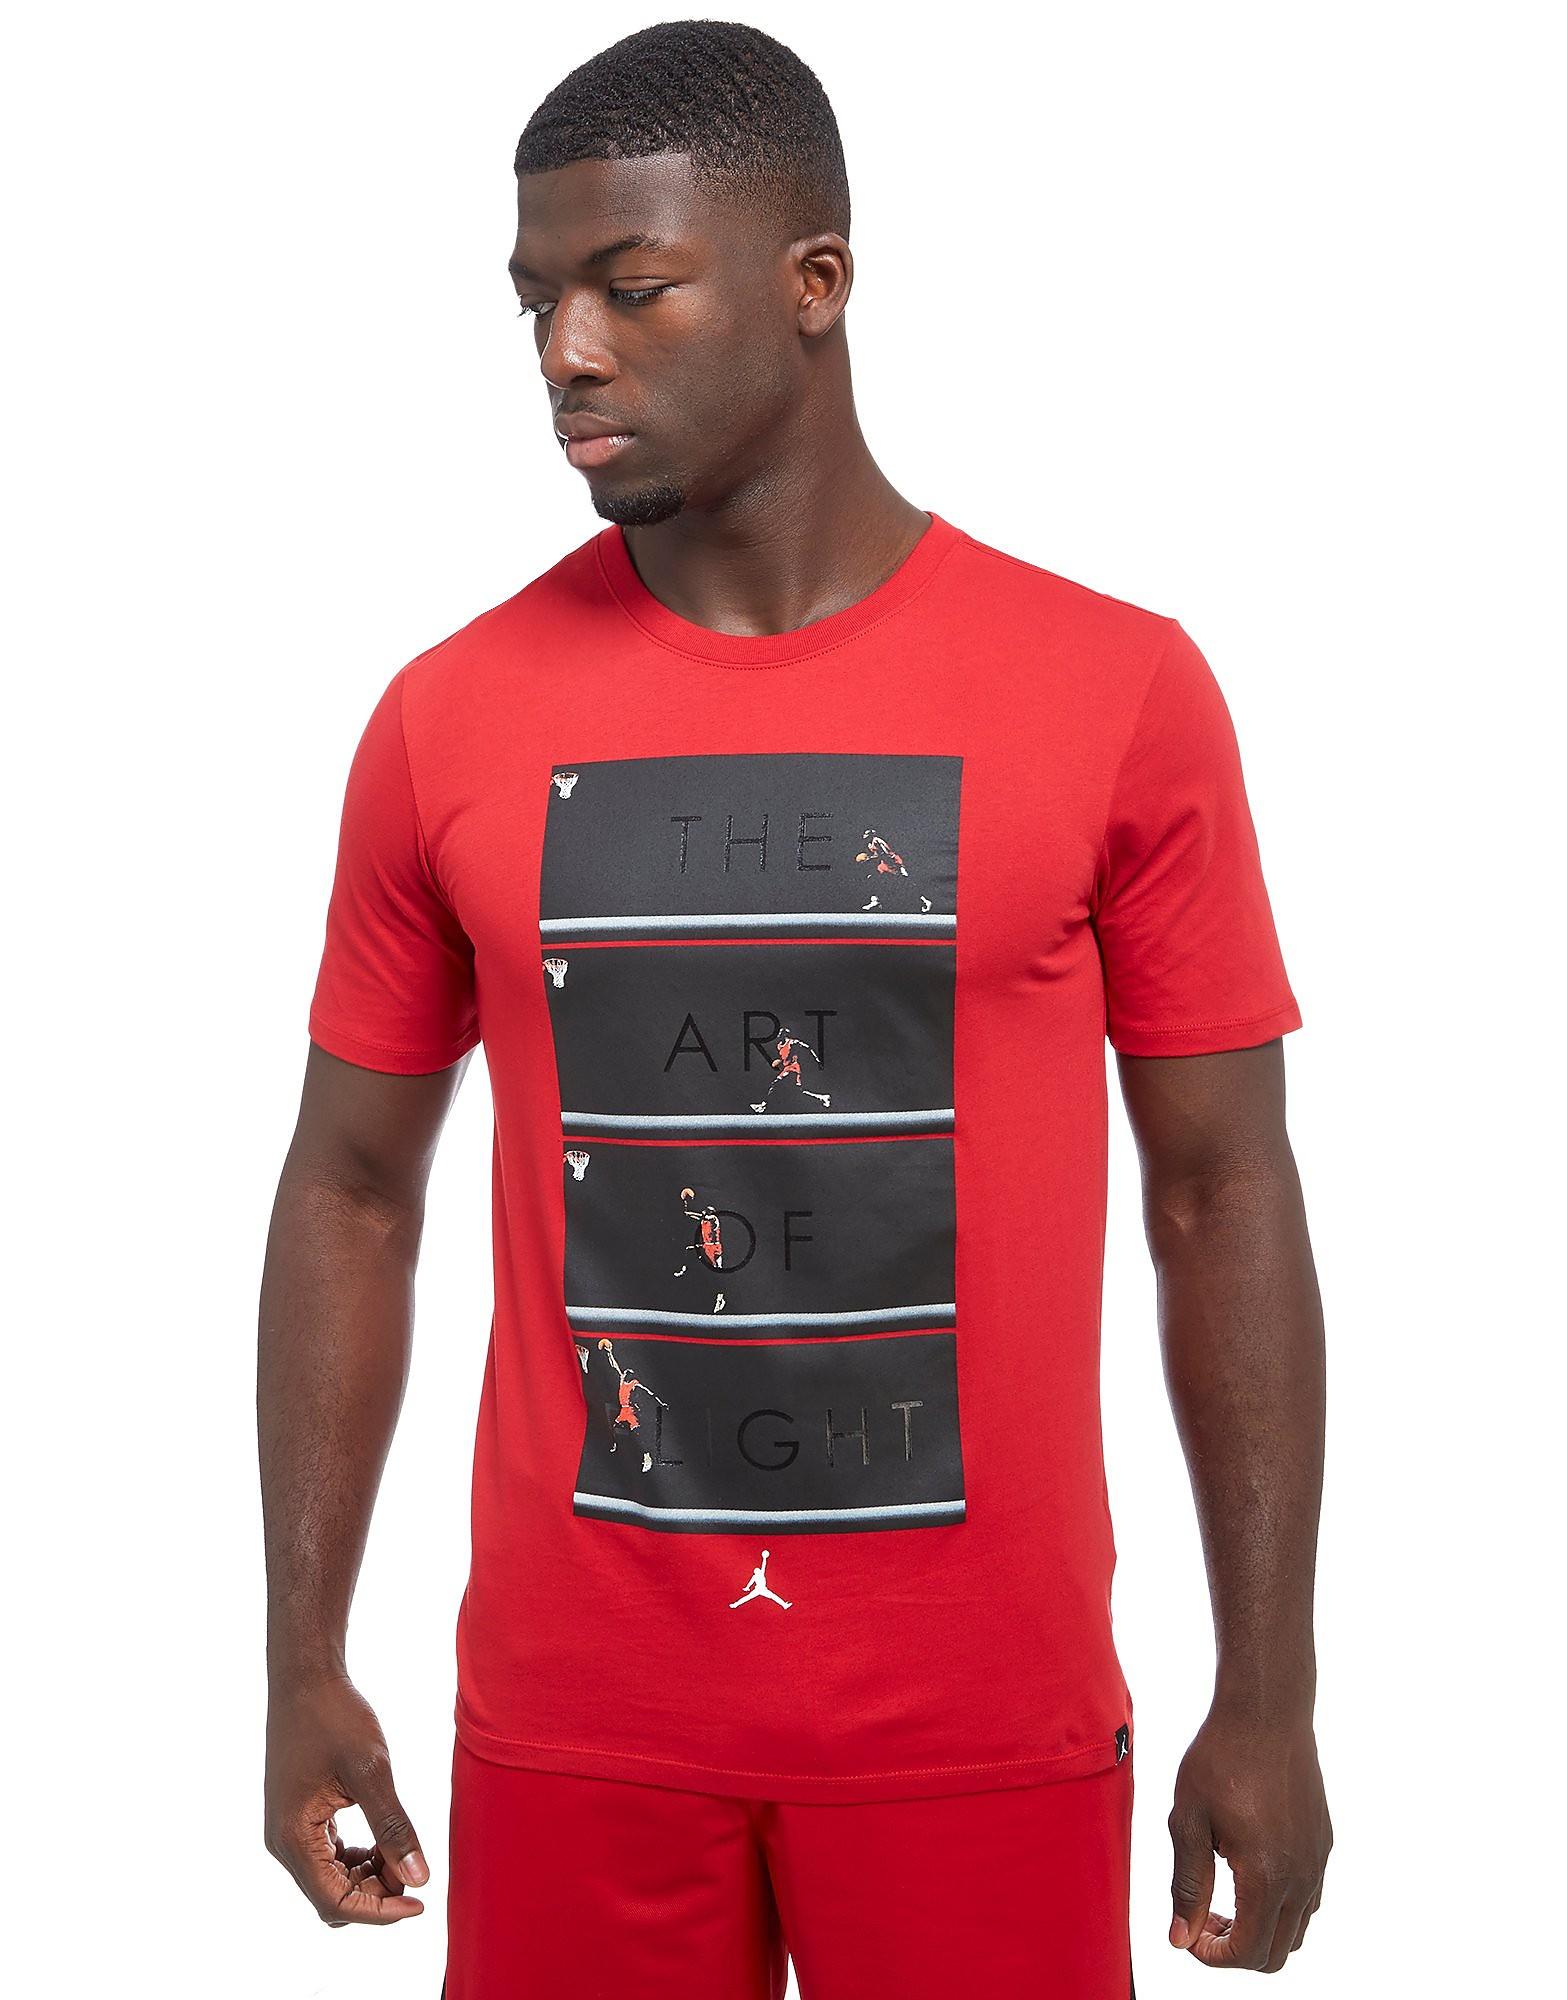 Jordan Jordan Art of Flight T-Shirt